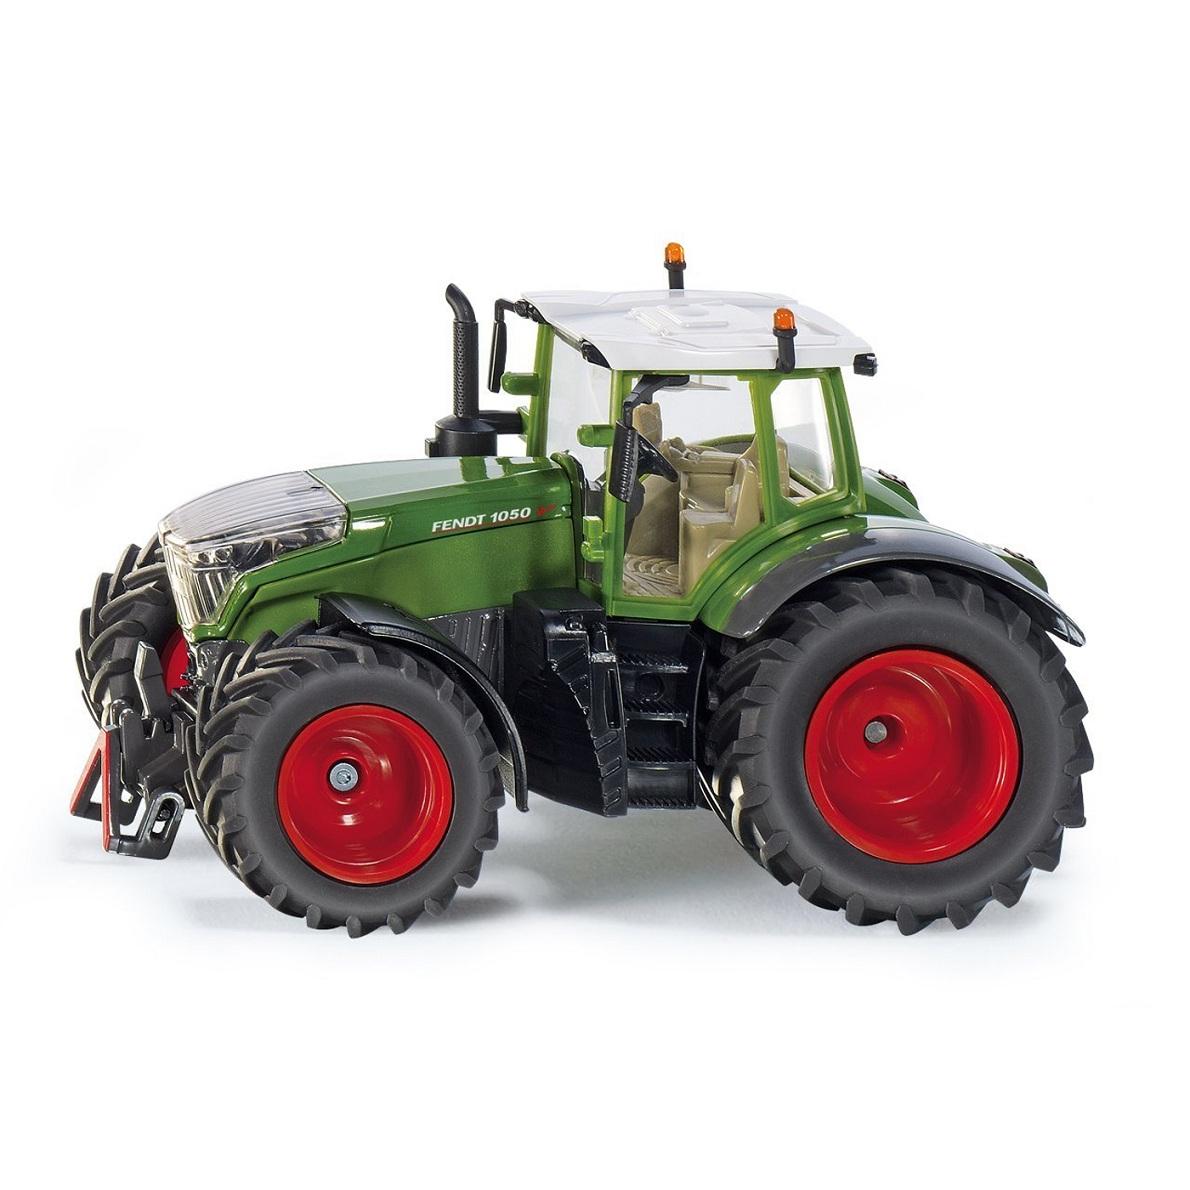 Масштабный сельскохозяйственный трактор, 1:32Игрушечные тракторы<br>Масштабный сельскохозяйственный трактор, 1:32<br>